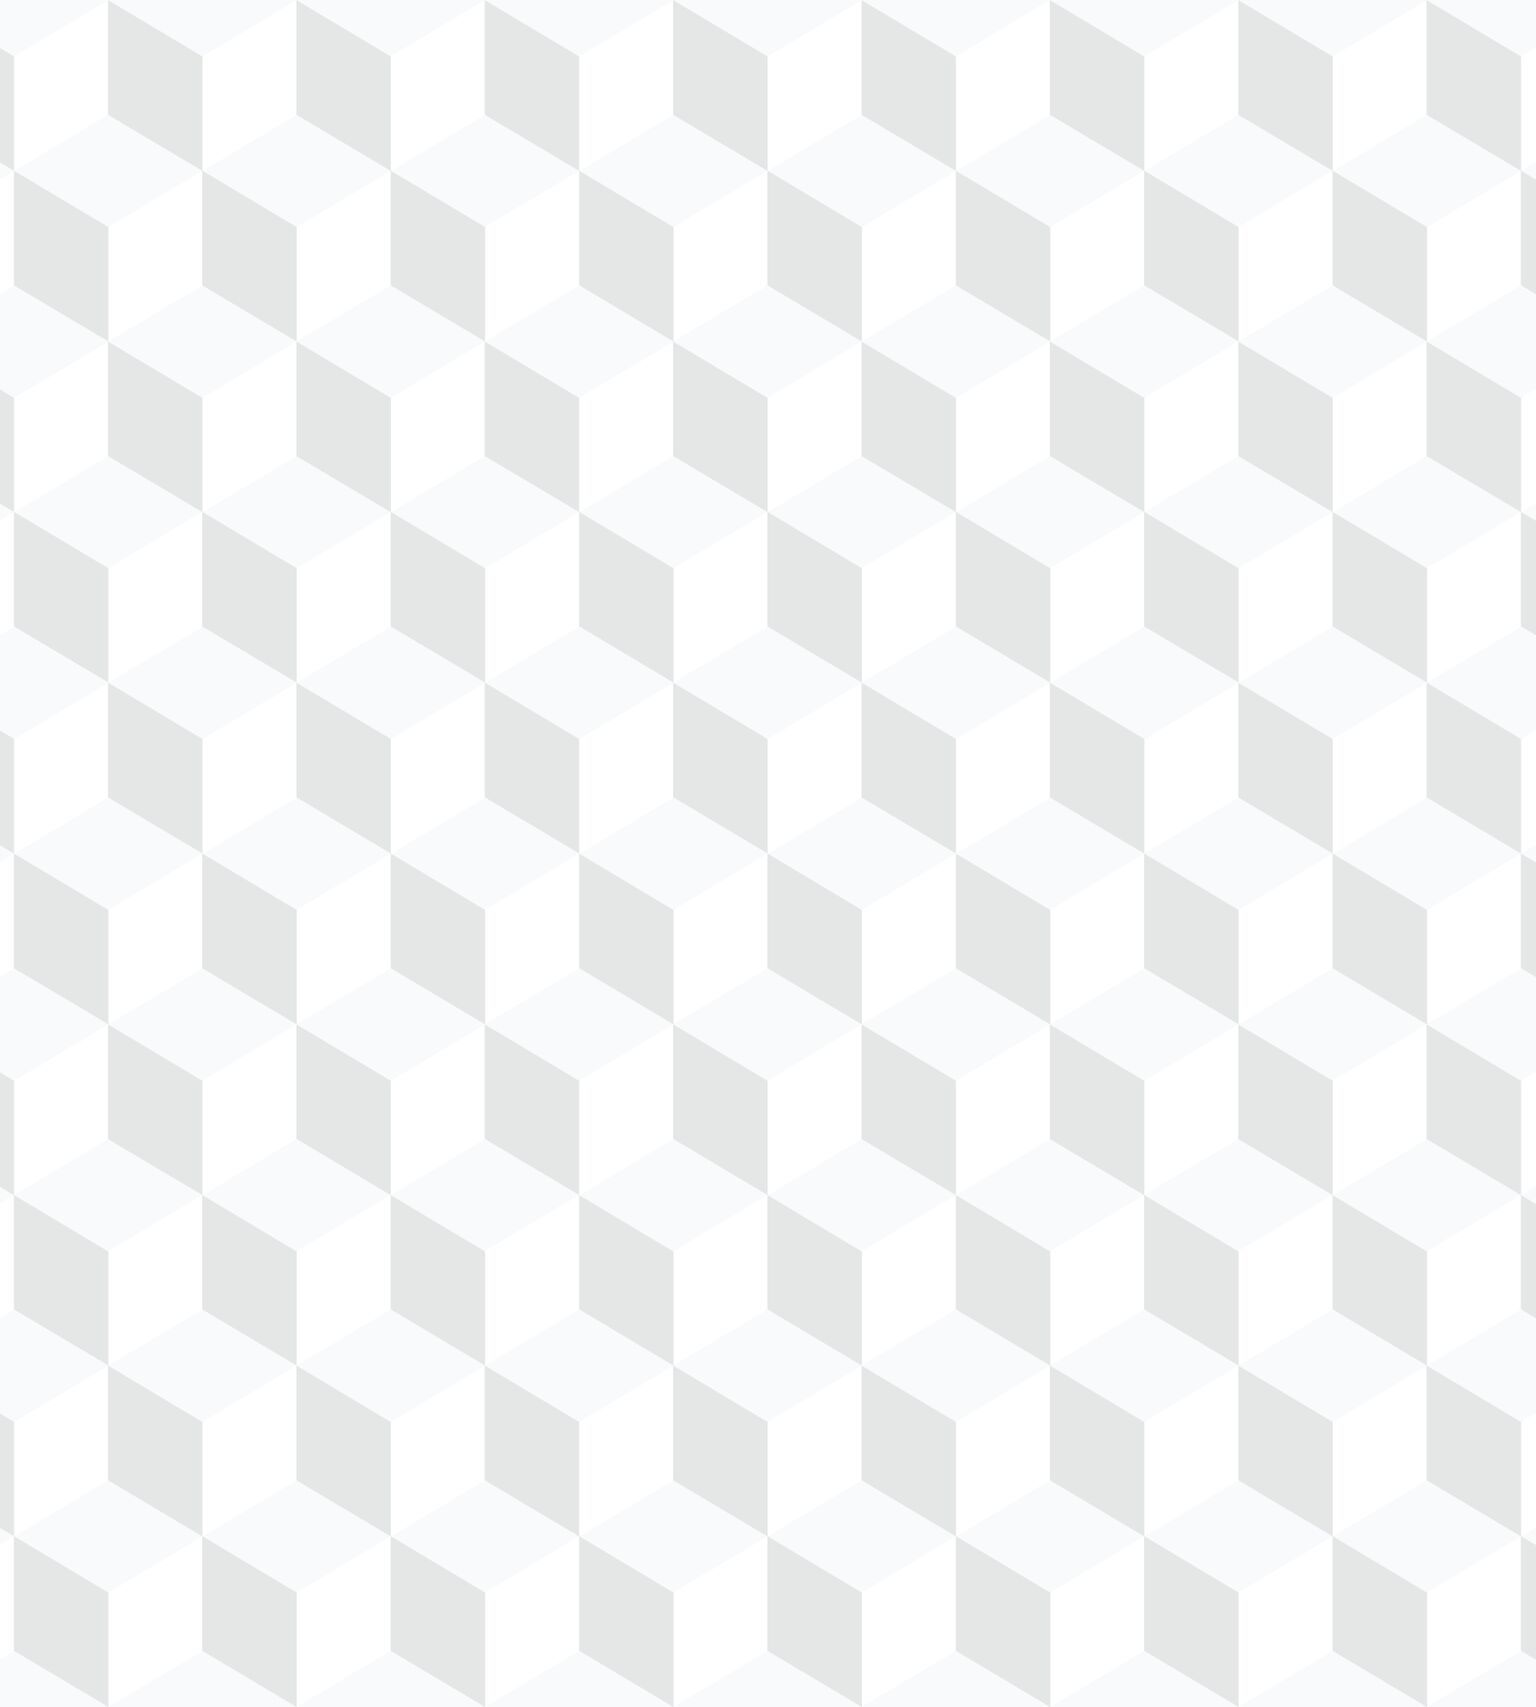 Papel de Parede Infantil Bobinex Coleção Brincar Geométrico Cinza, Branco, Creme